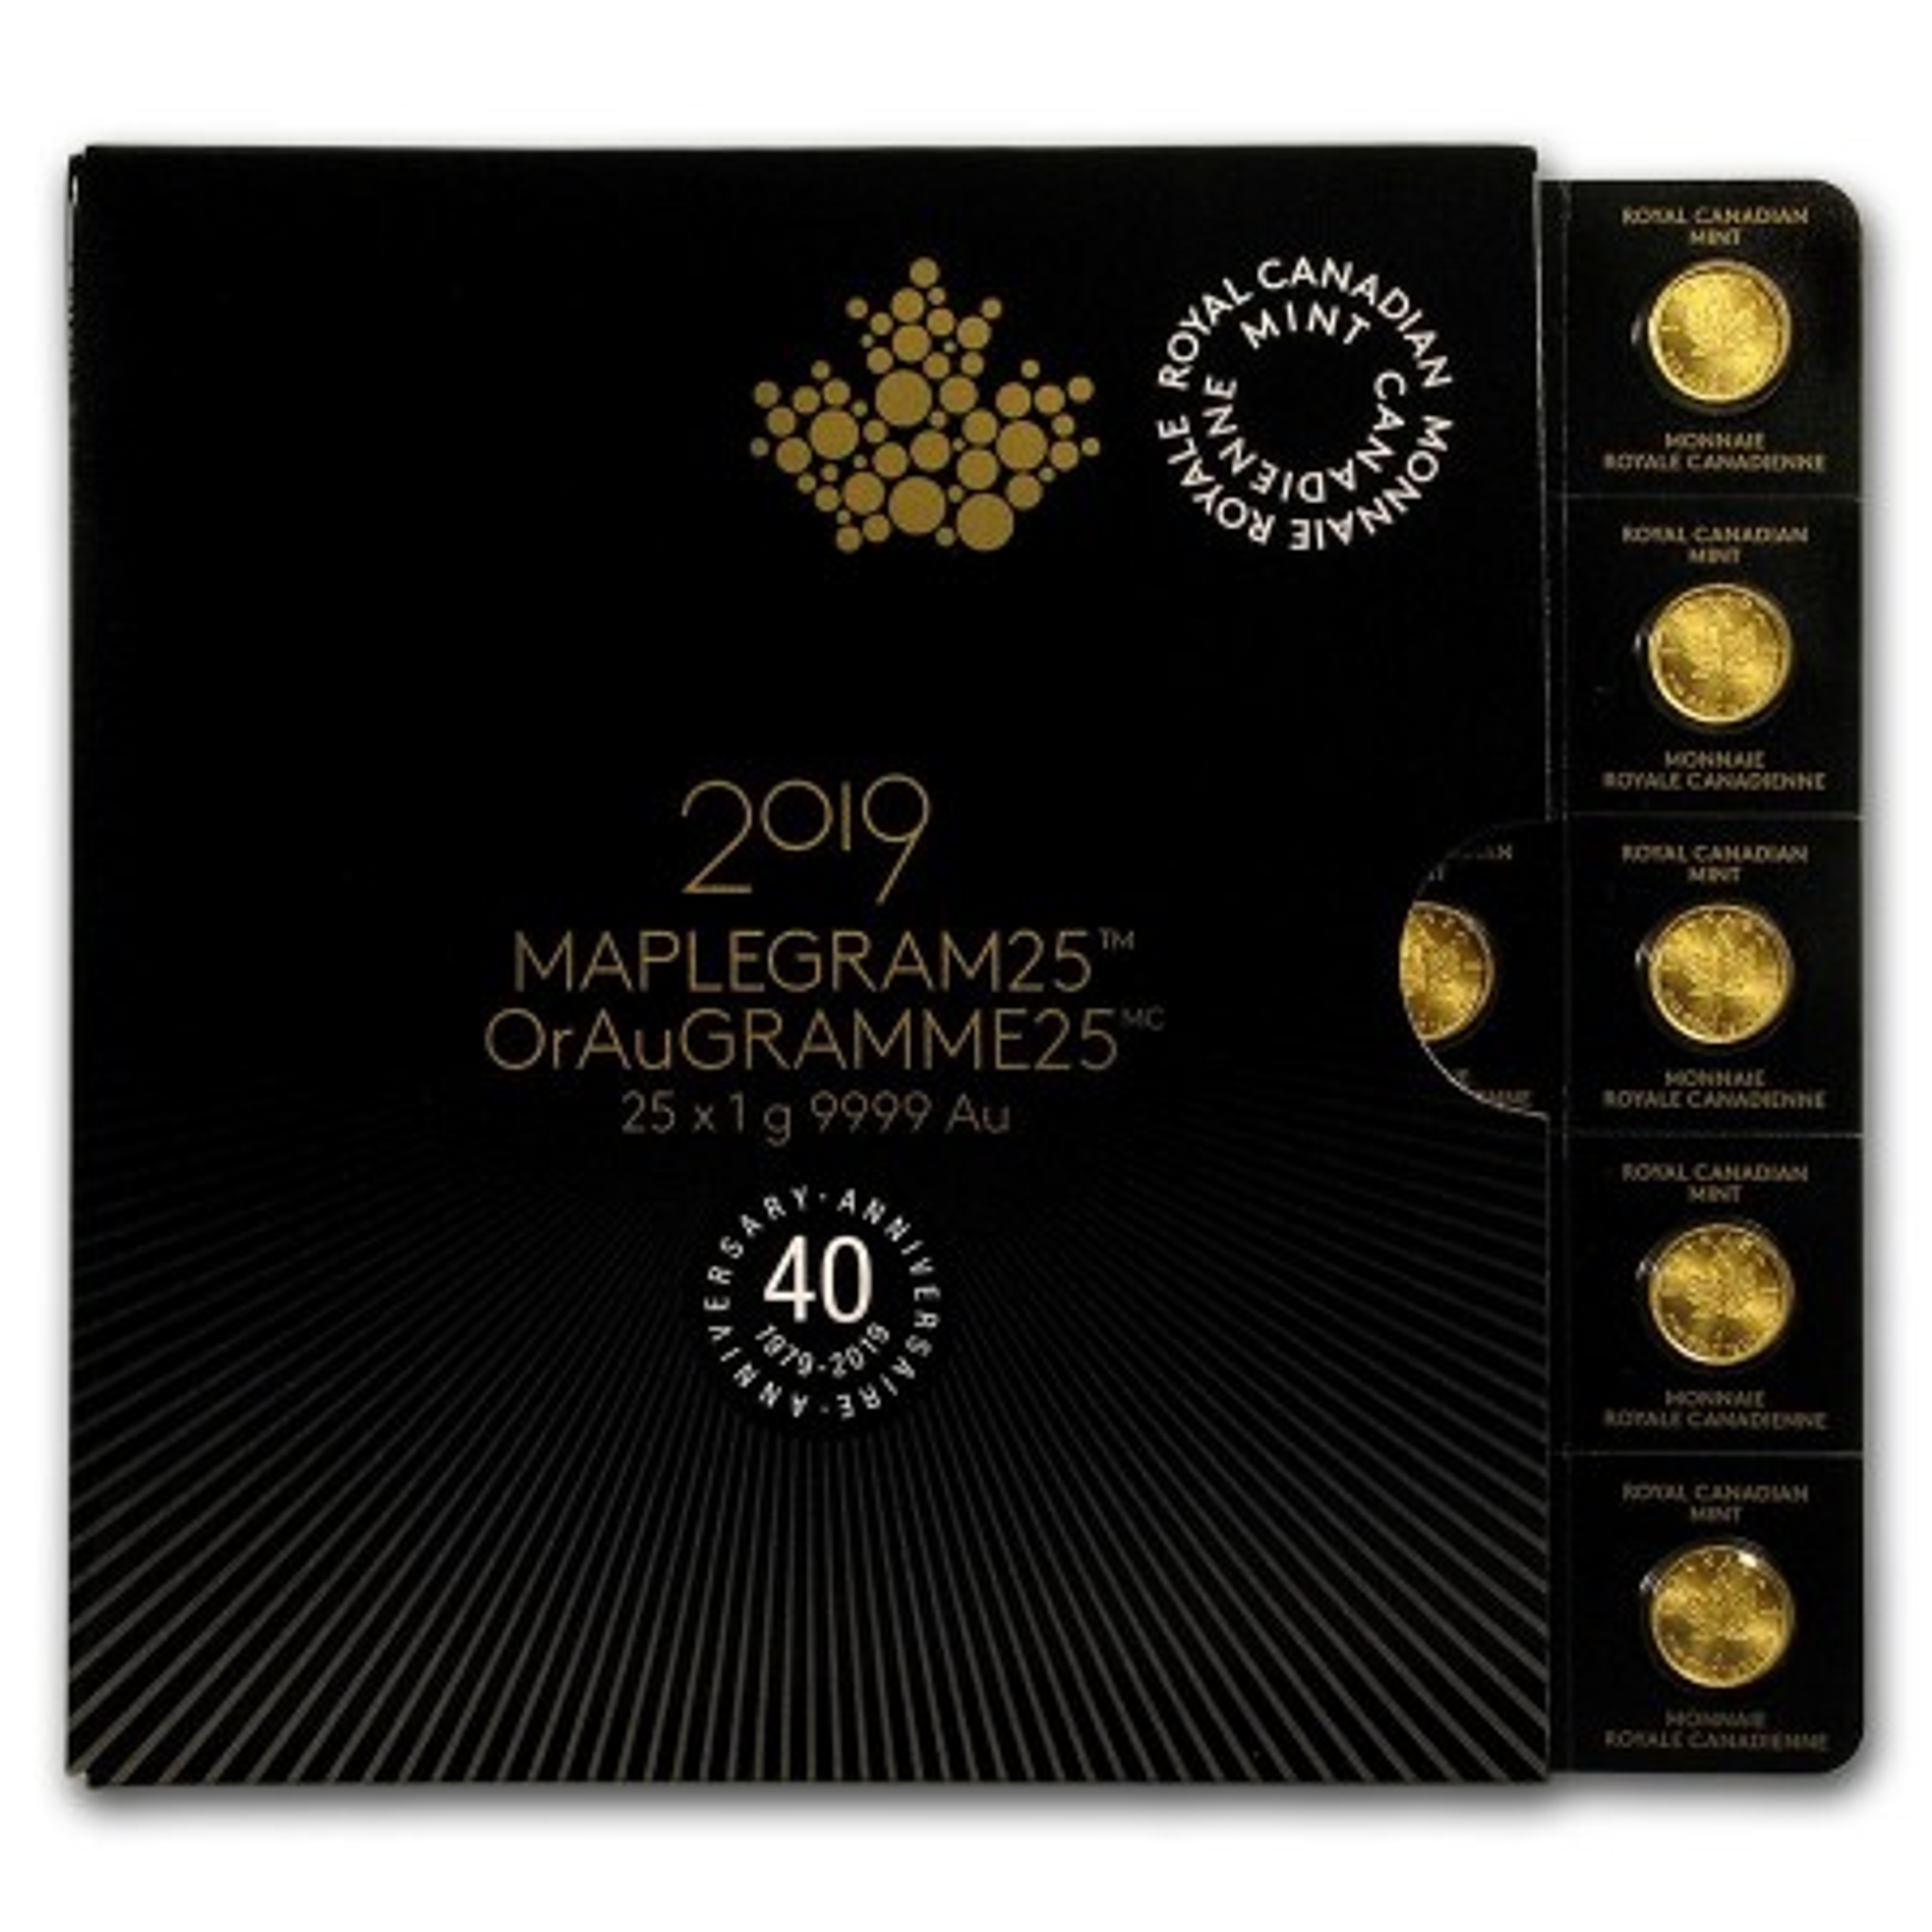 25x 1 gram gouden Maple Leaf munten